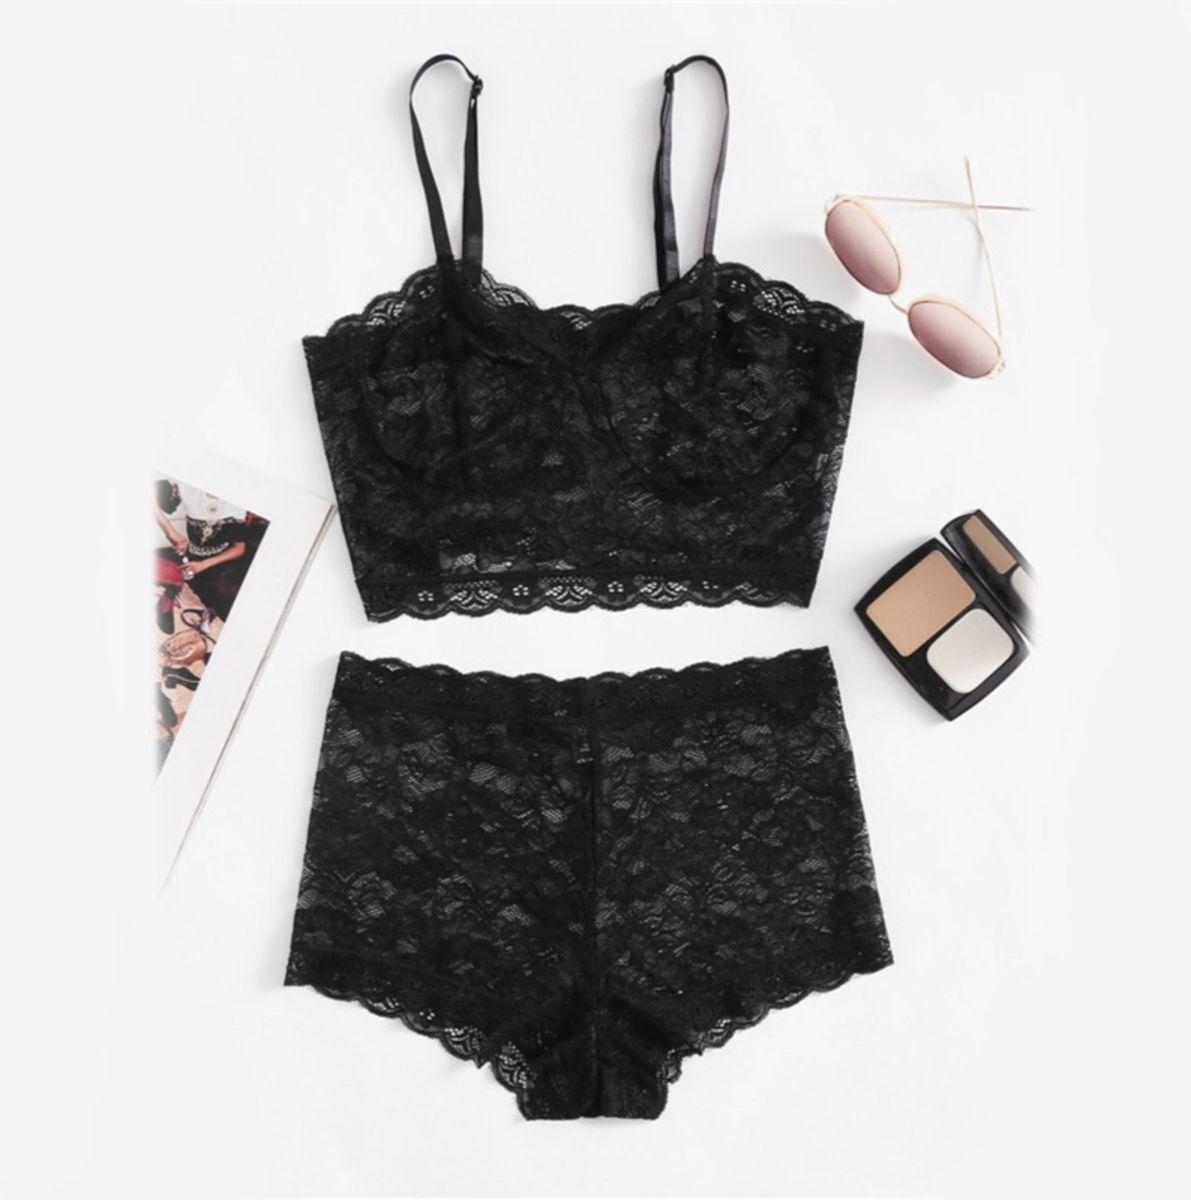 8da6f0eab2c99 conjunto de lingerie renda - lingerie sem marca.  Czm6ly9wag90b3muzw5qb2vplmnvbs5ici9wcm9kdwn0cy82mji4otuyl2ewmmu0mzuwm2jiztnmodywmjjmnwe5yzi0mzbhmdmylmpwzw  ...